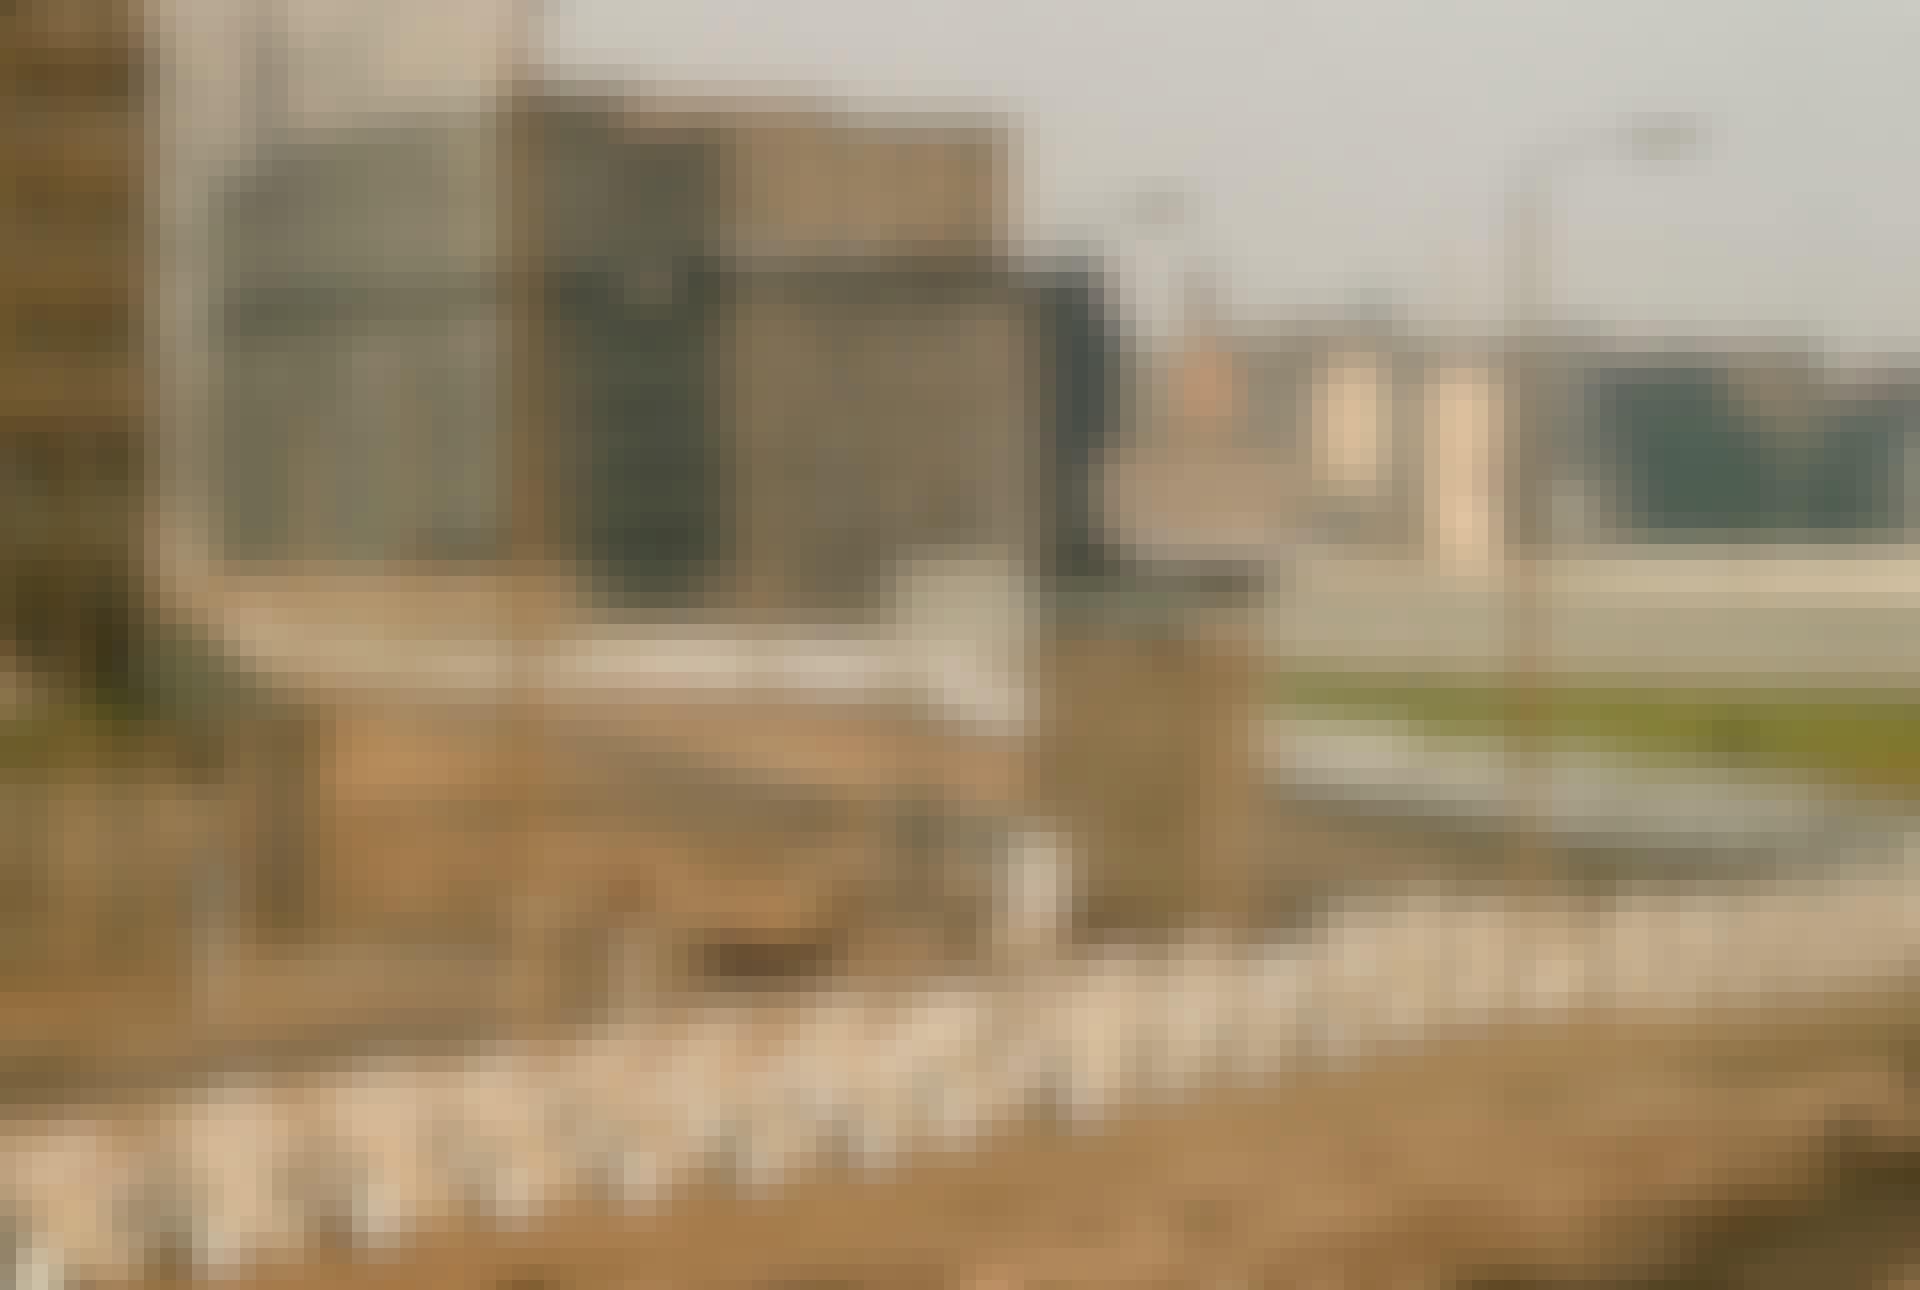 Zone des doods bij Berlijnse Muur